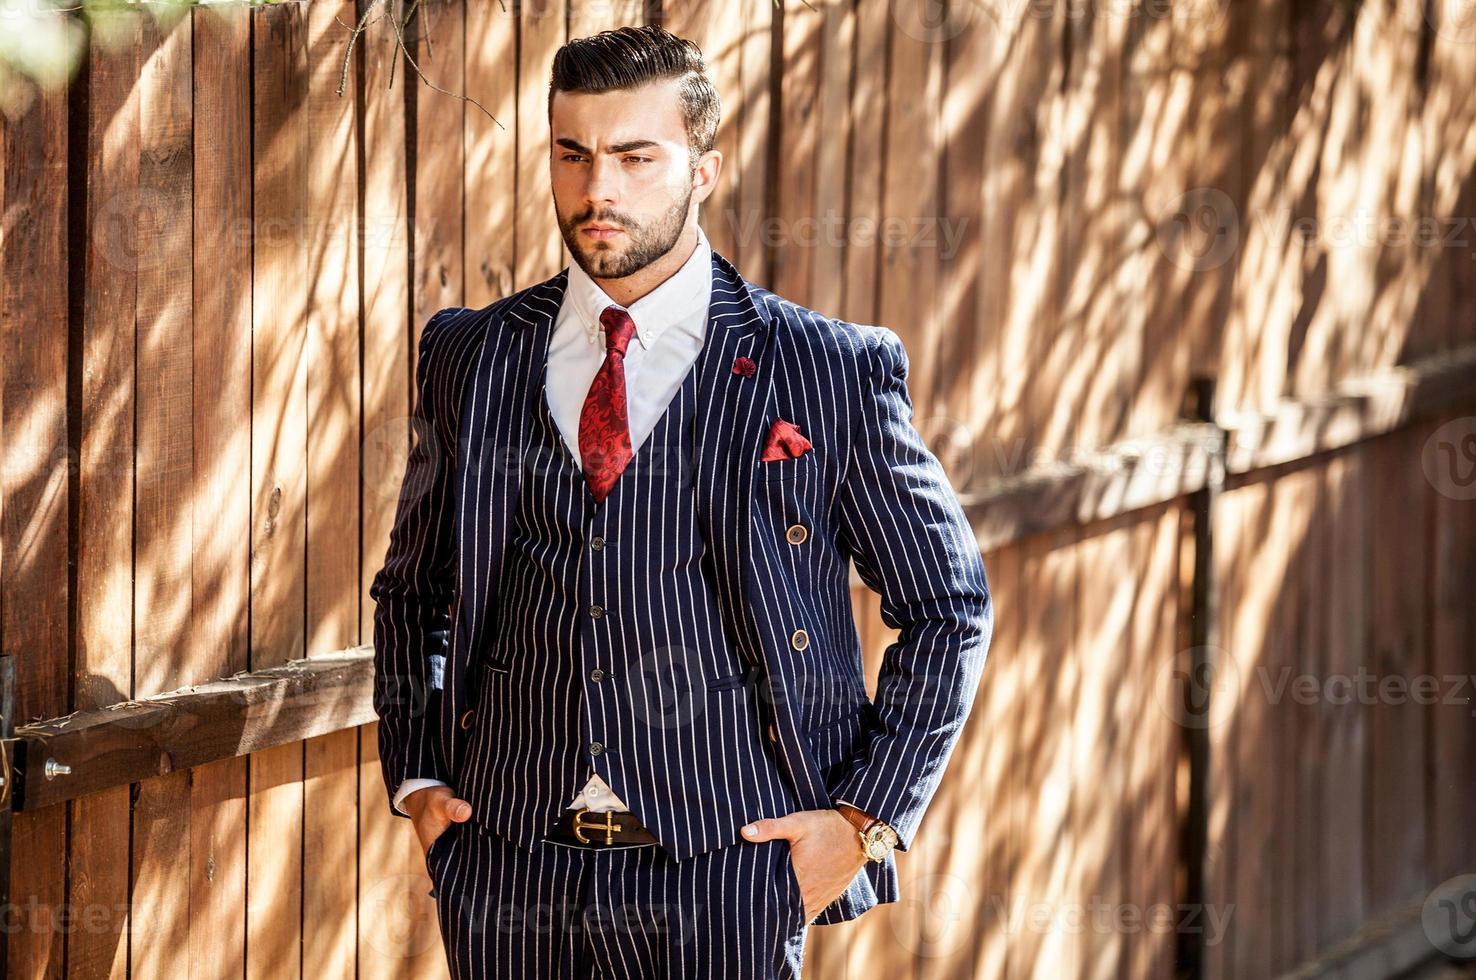 homem contra uma cerca de madeira em um terno elegante. foto